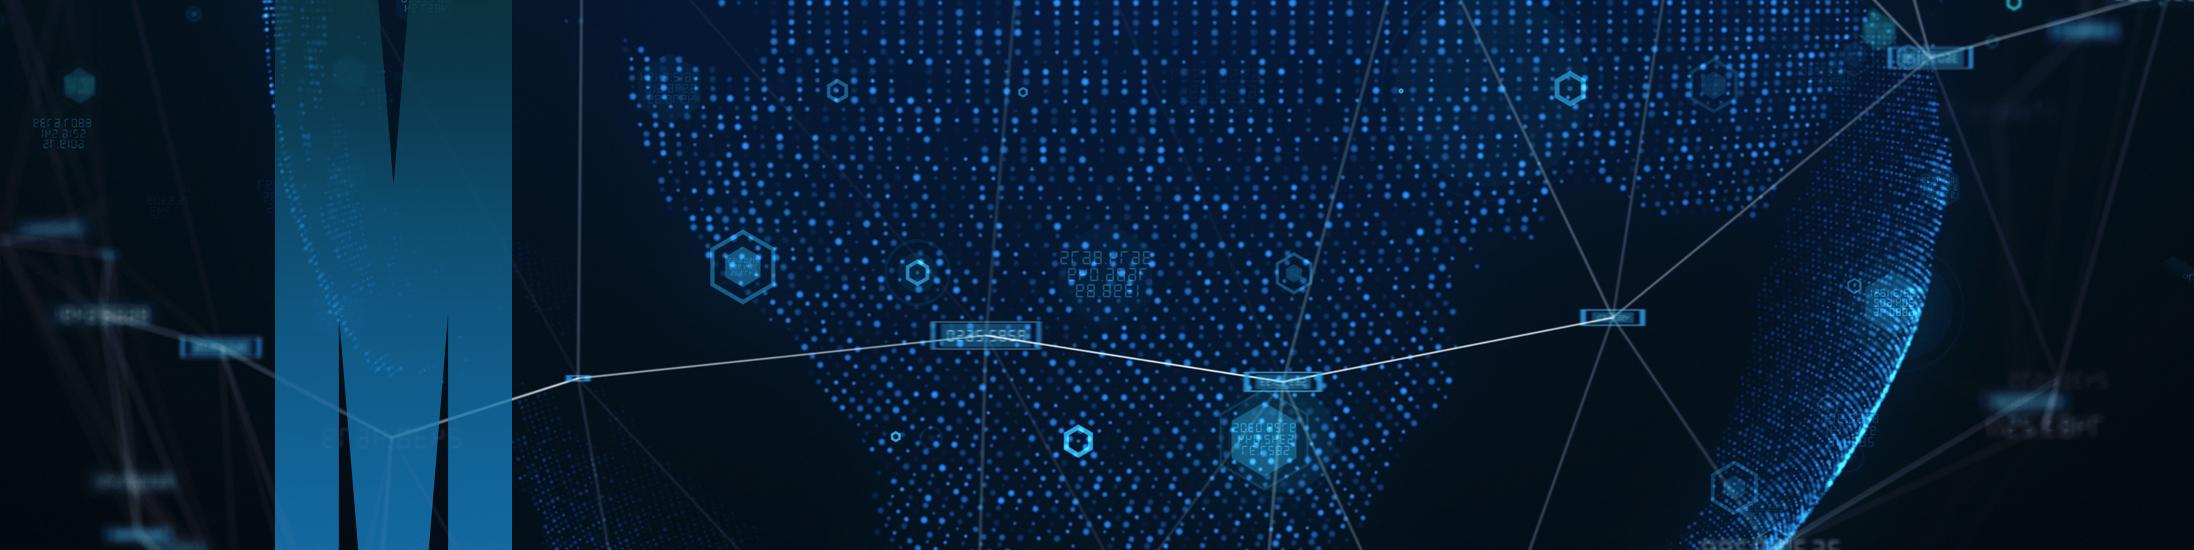 Monash Futurist: Inside AI